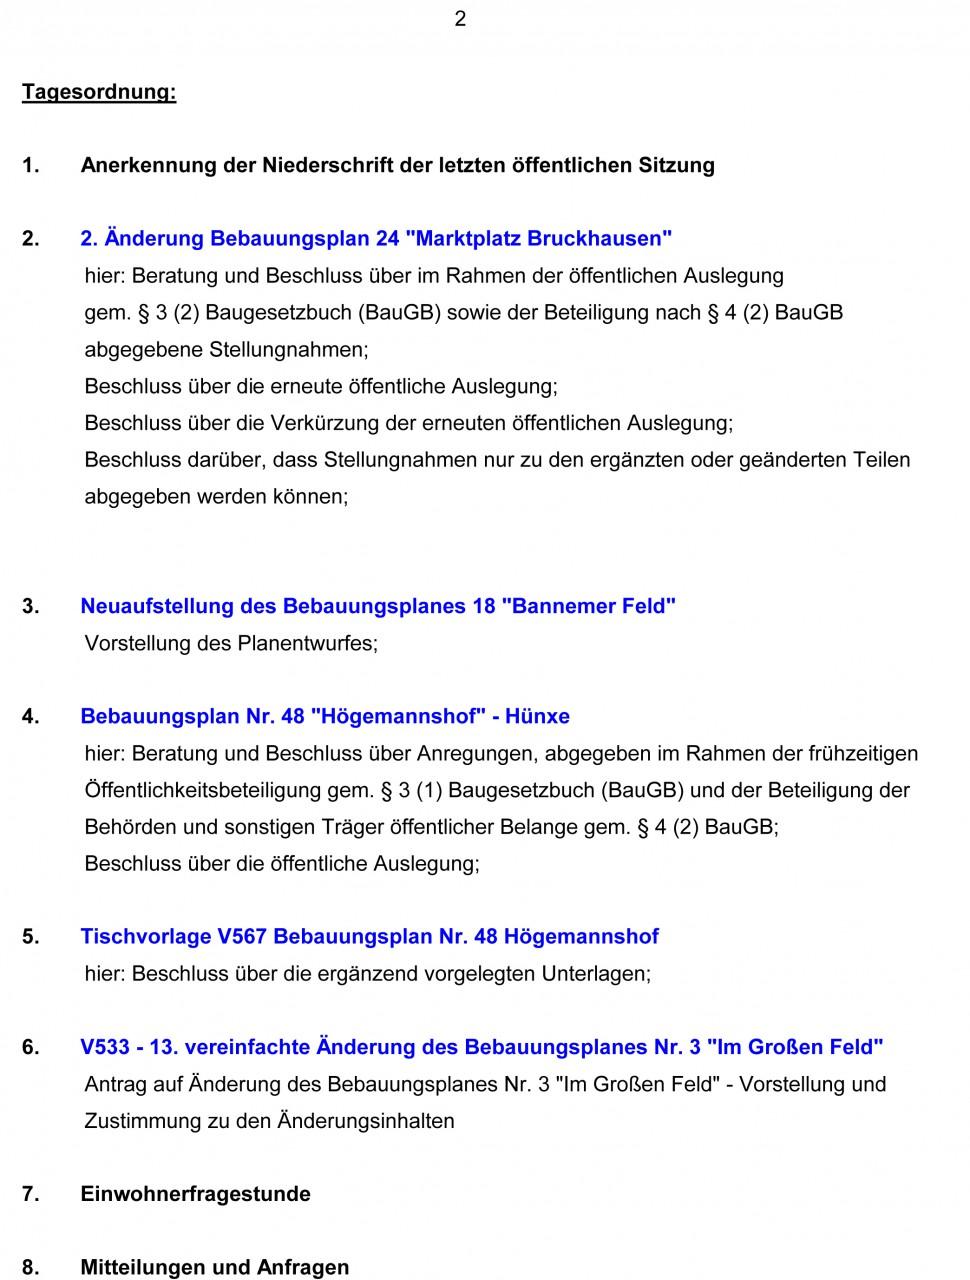 Tagesordnung HFA 24. Sitzung2014.docx